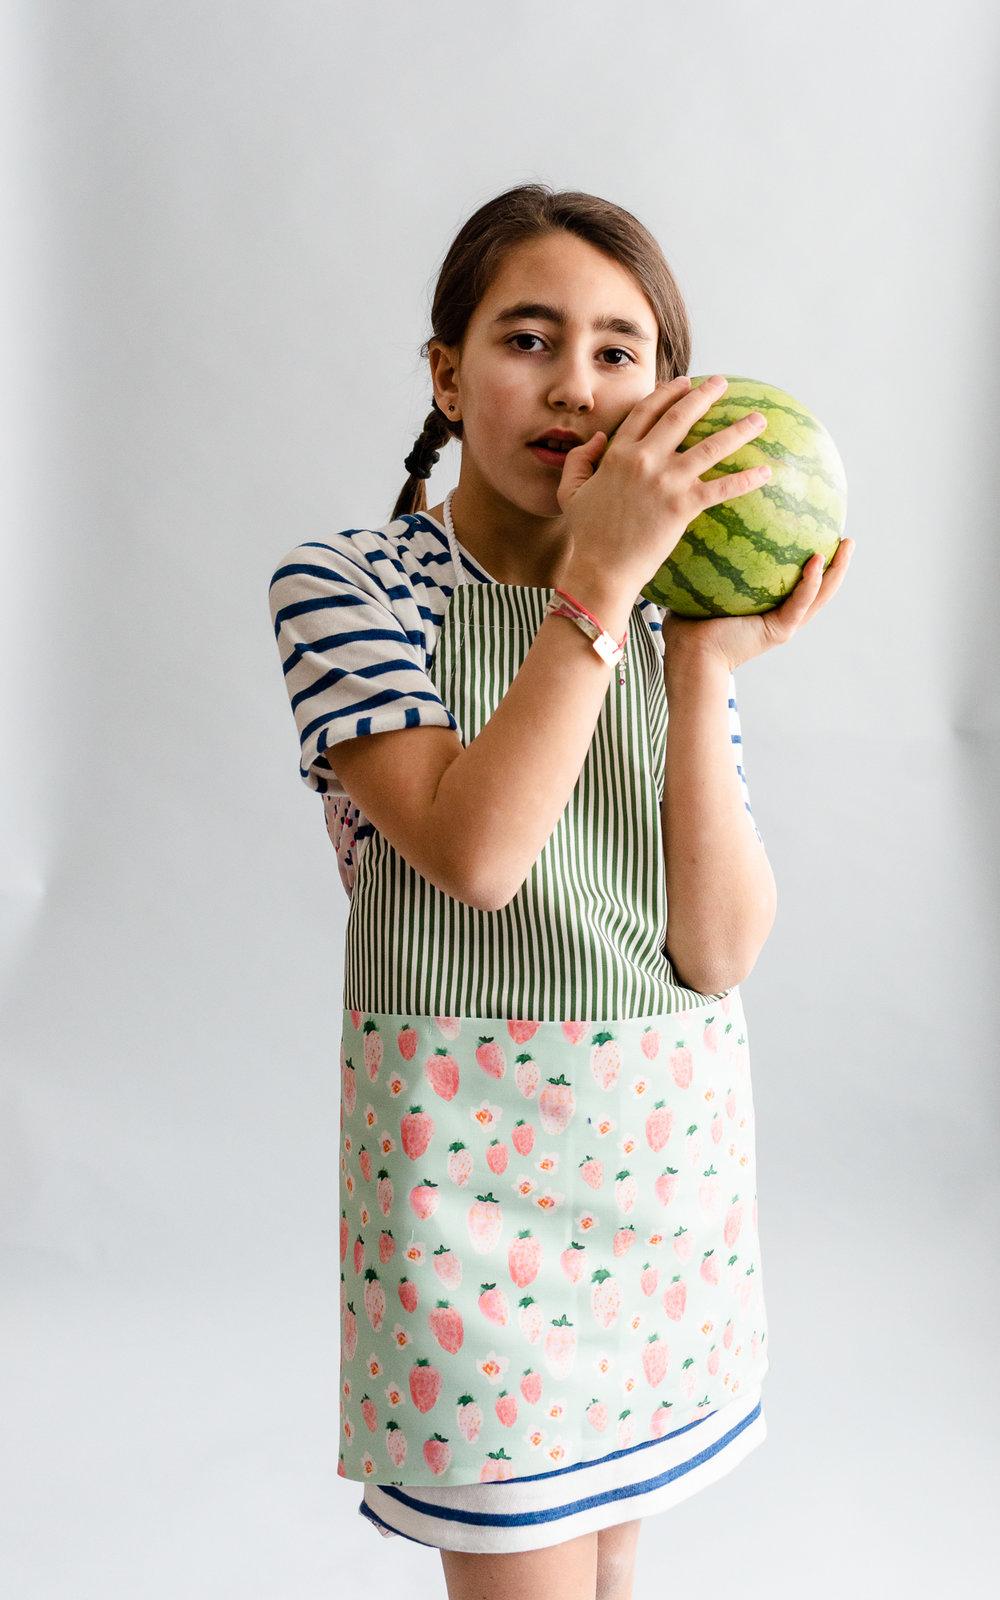 prp-kids=clothing-sewing-patterns05.jpg